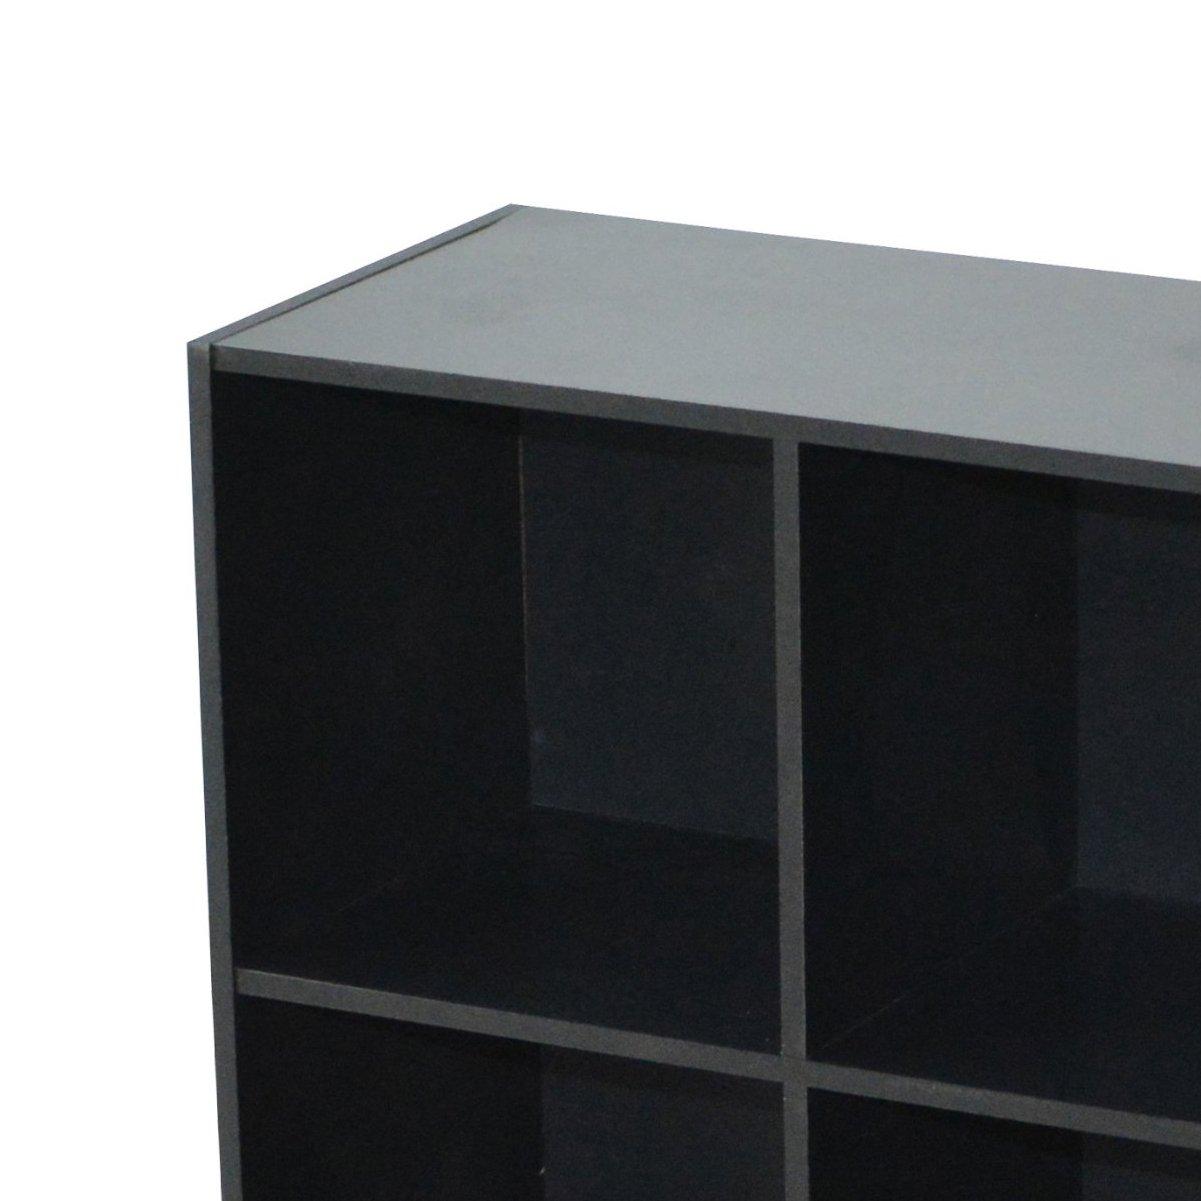 Alsapan 483650 Mobiletto a 4 scomparti in legno di rovere 62 x 30 x 62 cm